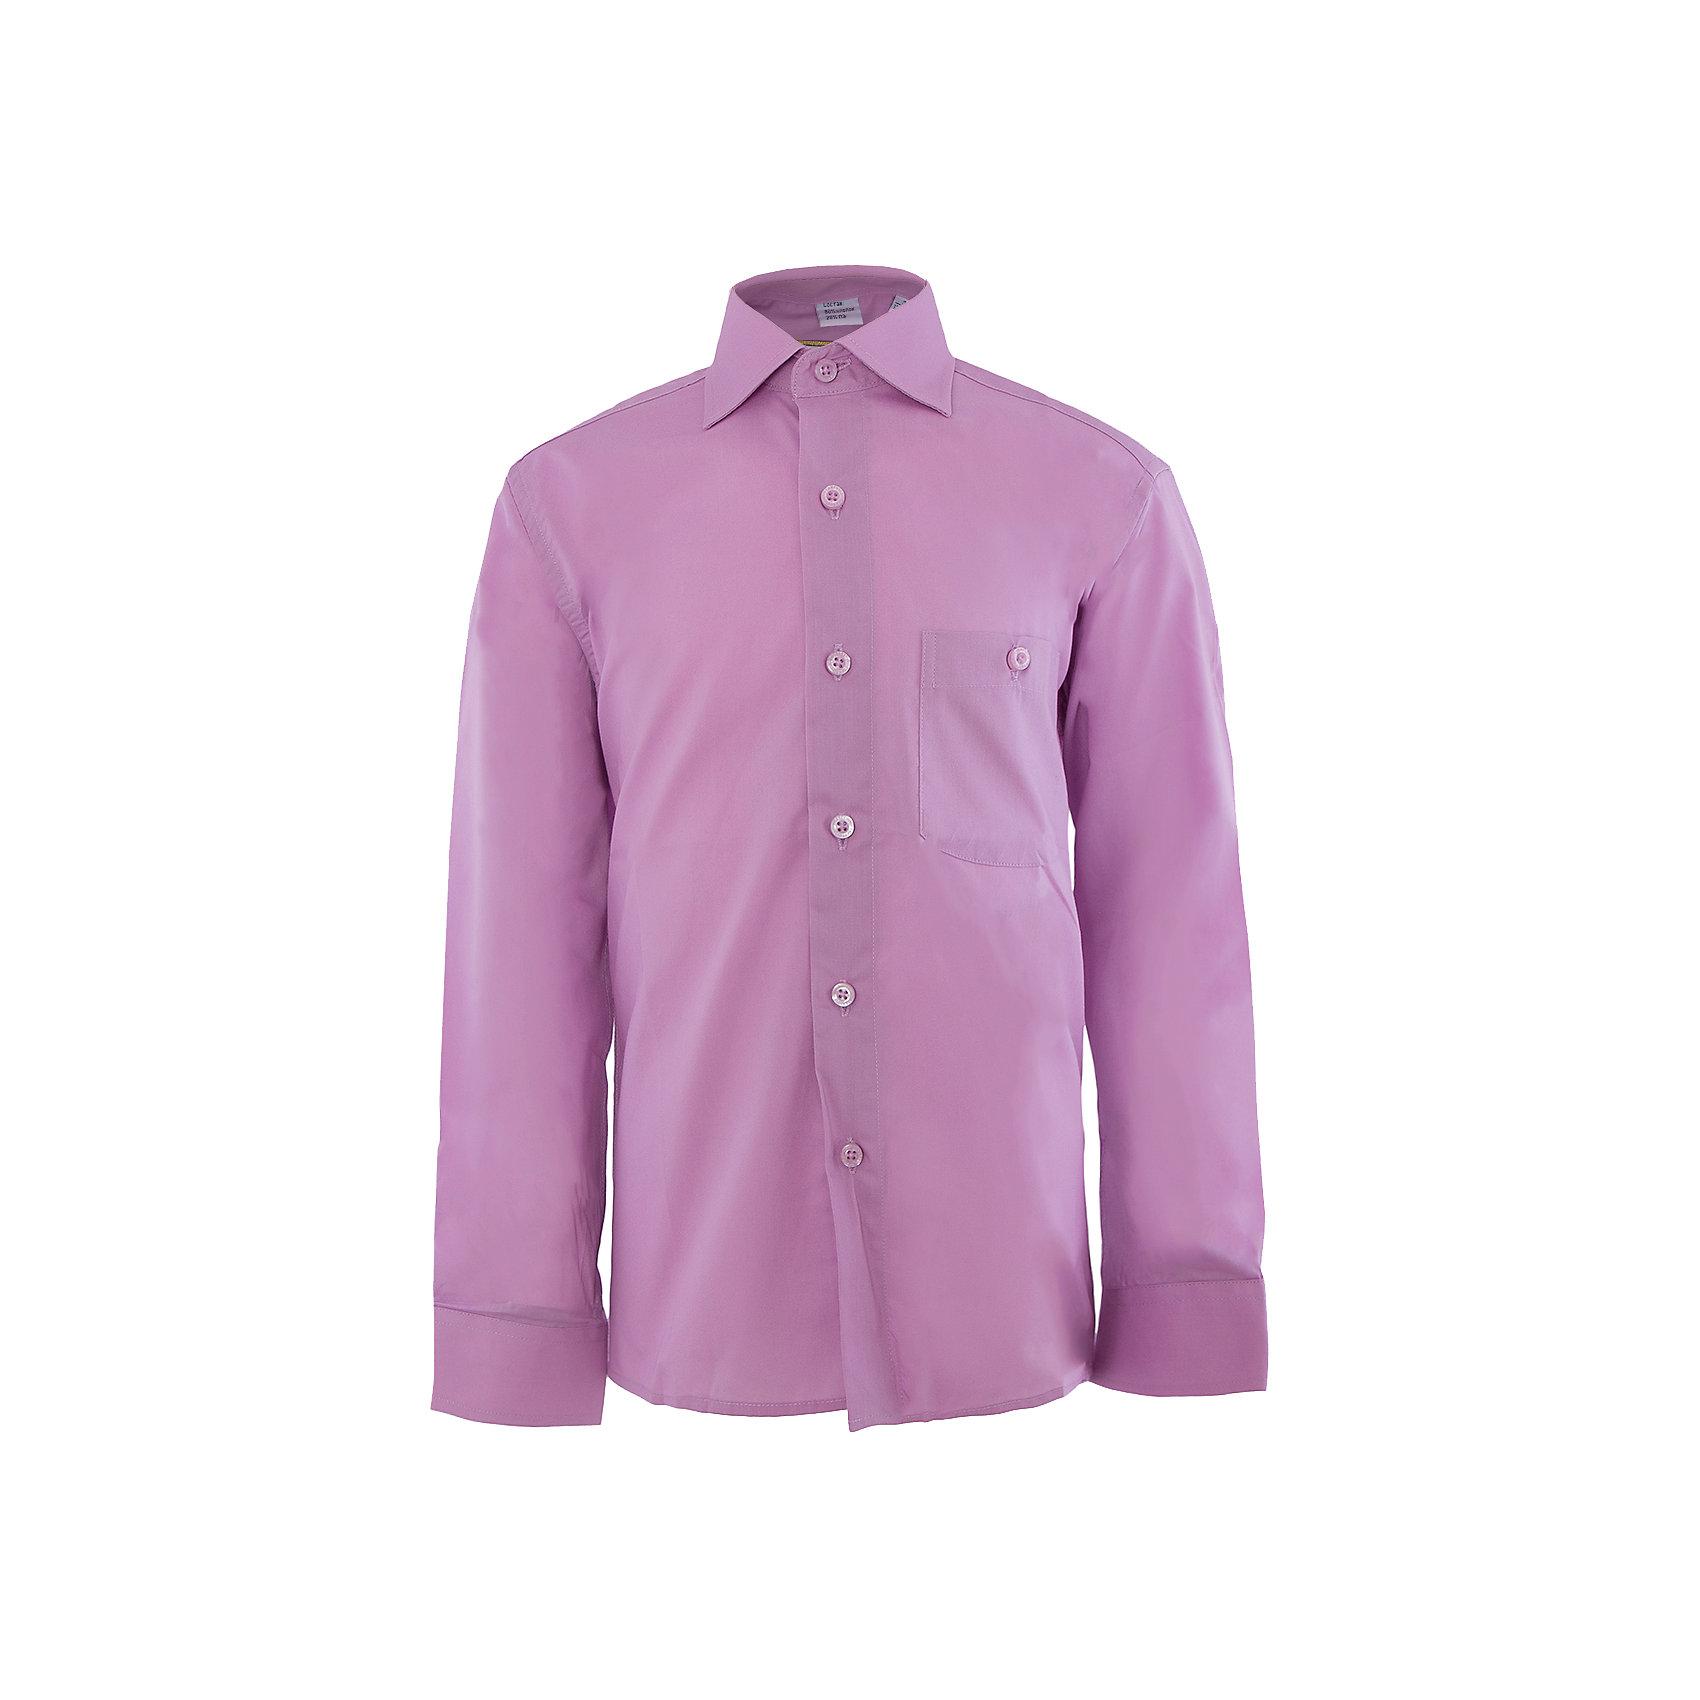 Рубашка для мальчика TsarevichРубашка для мальчика от российской марки Tsarevich<br><br>Красивая сиреневая рубашка с длинным рукавом хорошо сидит по фигуре, не стесняет движения. Материал - гипоаллергенный, дышащий и приятный на ощупь.<br><br>Особенности модели:<br><br>- материал - легкий, с содержанием хлопка;<br>- цвет - сиреневый;<br>- карман на груди с пуговицей;<br>- рукав длинный;<br>- застежки-пуговицы;<br>- манжеты;<br>- отложной воротник;<br>- пуговицы на манжетах.<br><br>Дополнительная информация:<br><br>Состав: 80% хлопок, 20% полиэстер<br><br>Габариты:<br><br>длина рукава - 45 см;<br>длина по спинке - 53 см.<br><br>* соответствует размеру 30/128-134<br><br>Уход за изделием:<br><br>стирка в машине при температуре до 40°С,<br>не отбеливать,<br>гладить на средней температуре.<br><br>Рубашку для мальчика от российской марки Tsarevich (Царевич) можно купить в нашем магазине.<br><br>Ширина мм: 174<br>Глубина мм: 10<br>Высота мм: 169<br>Вес г: 157<br>Цвет: розовый<br>Возраст от месяцев: 132<br>Возраст до месяцев: 144<br>Пол: Мужской<br>Возраст: Детский<br>Размер: 146/152,122/128,134/140,140/146,152/158,128/134,158/164,164/170<br>SKU: 4295908